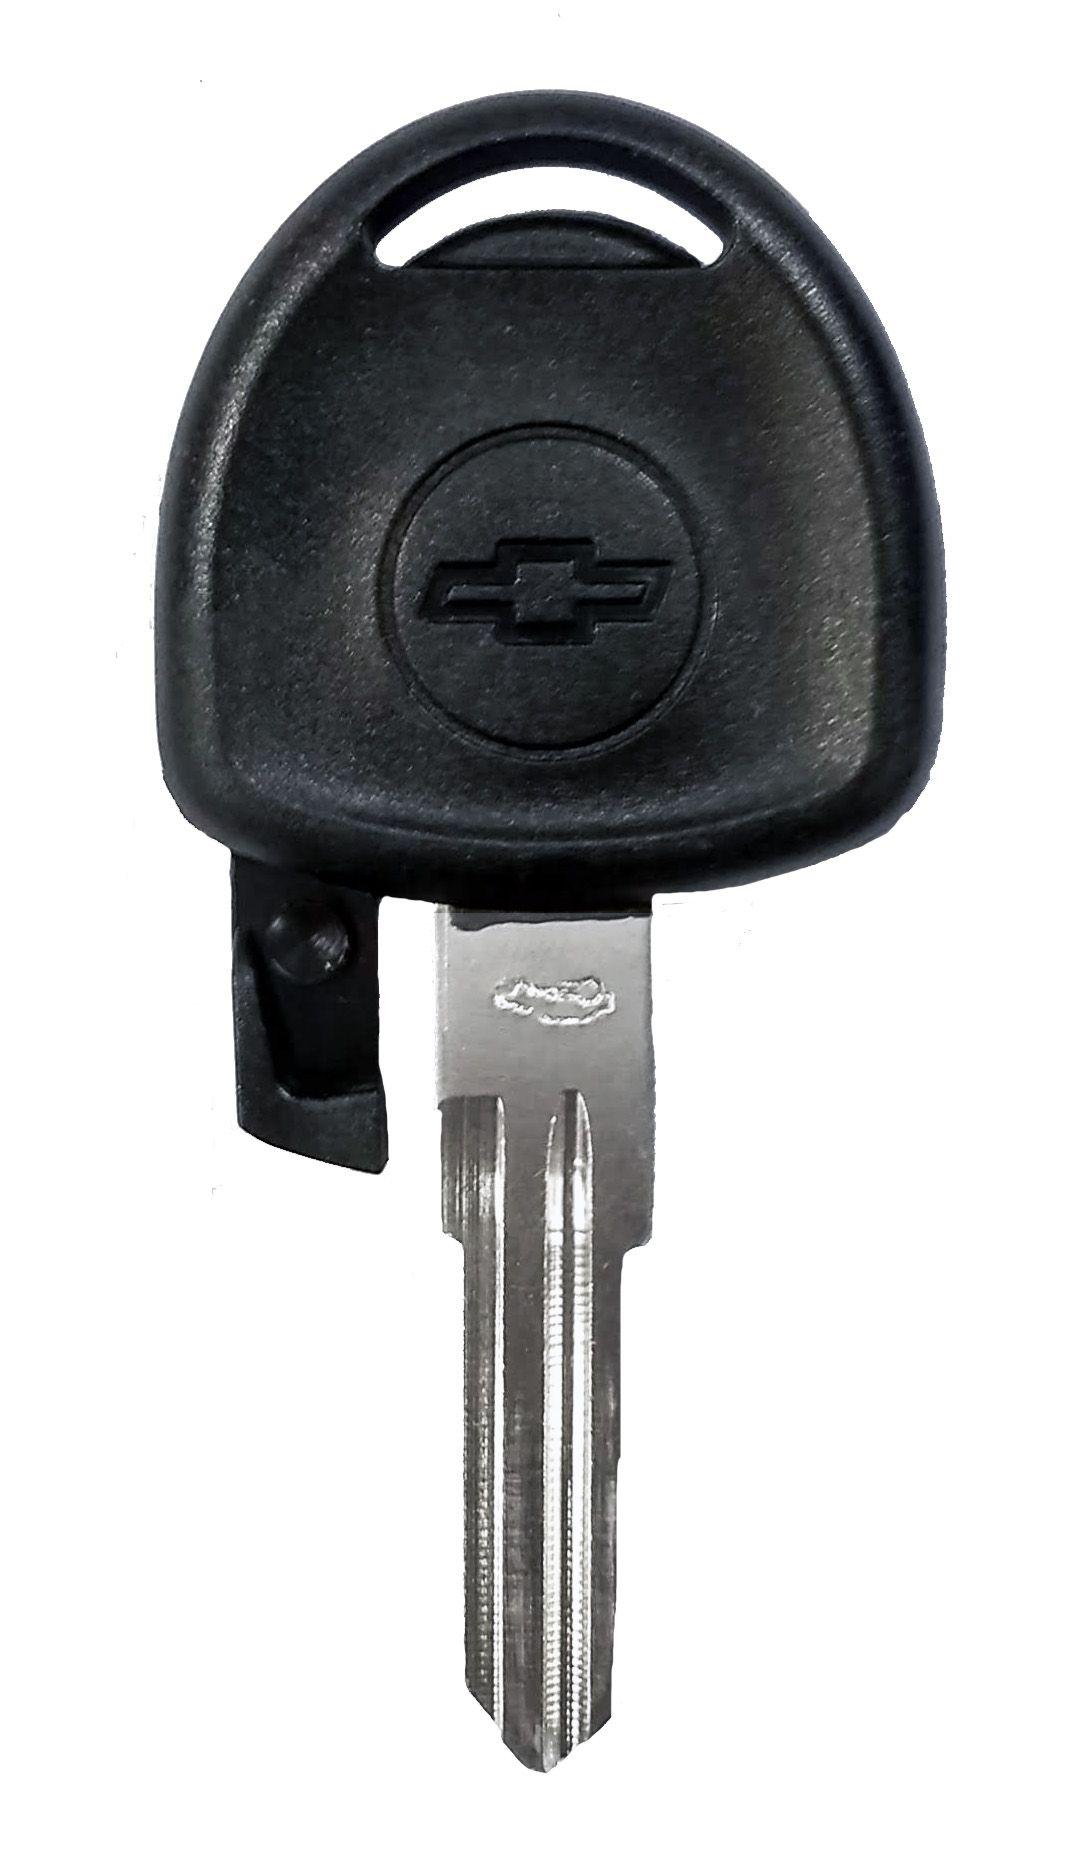 Chave Plástica Corsa D-410 gaveta - 3410